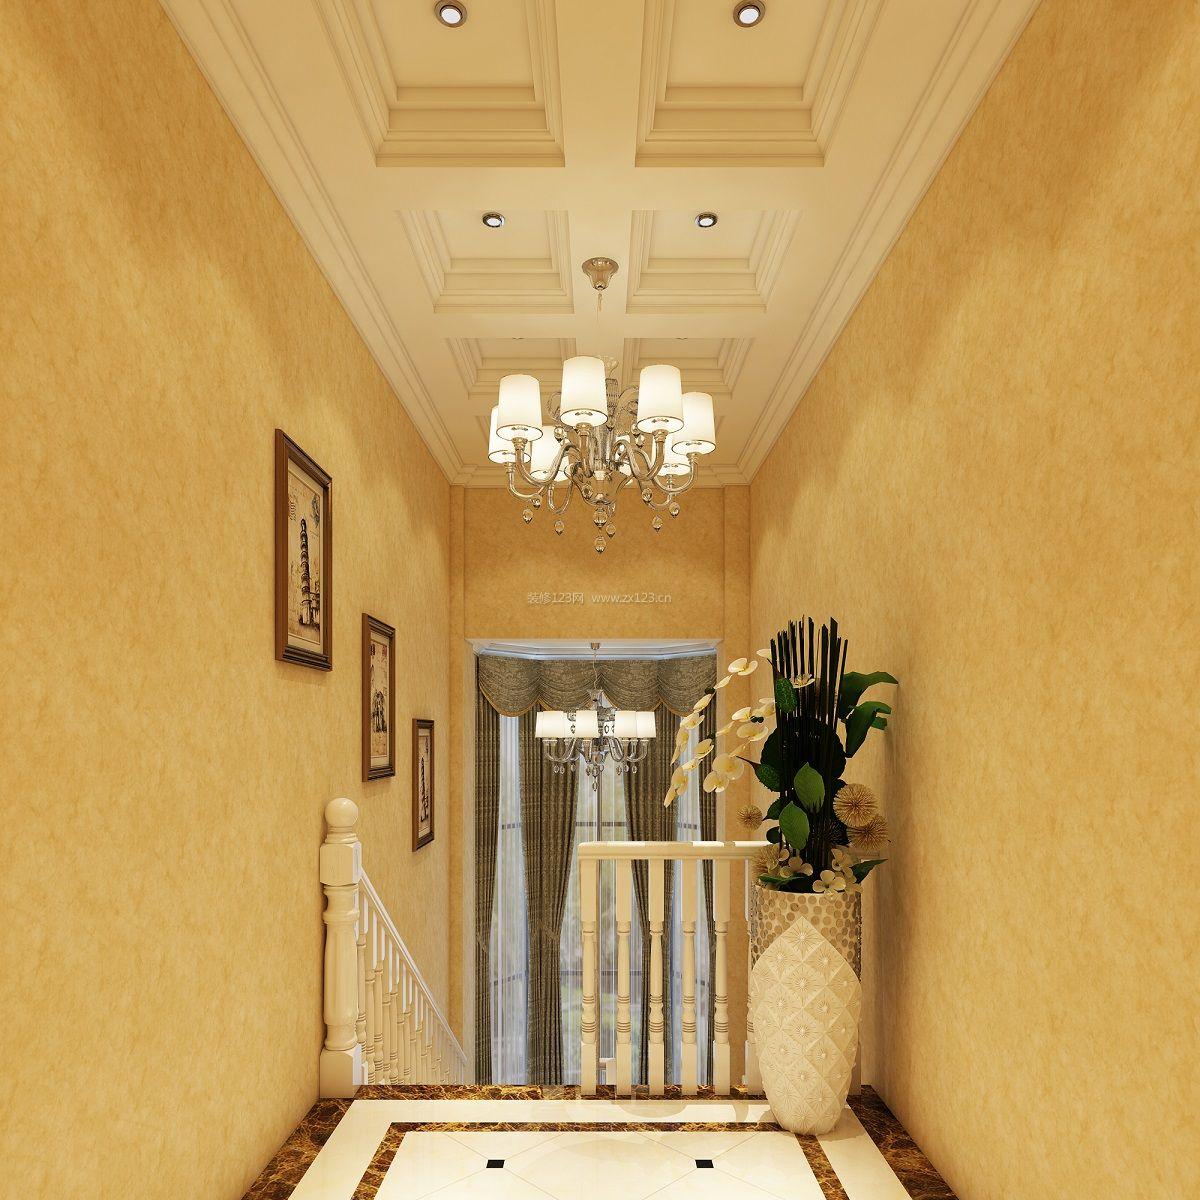 欧式跃层楼梯装修效果图图片